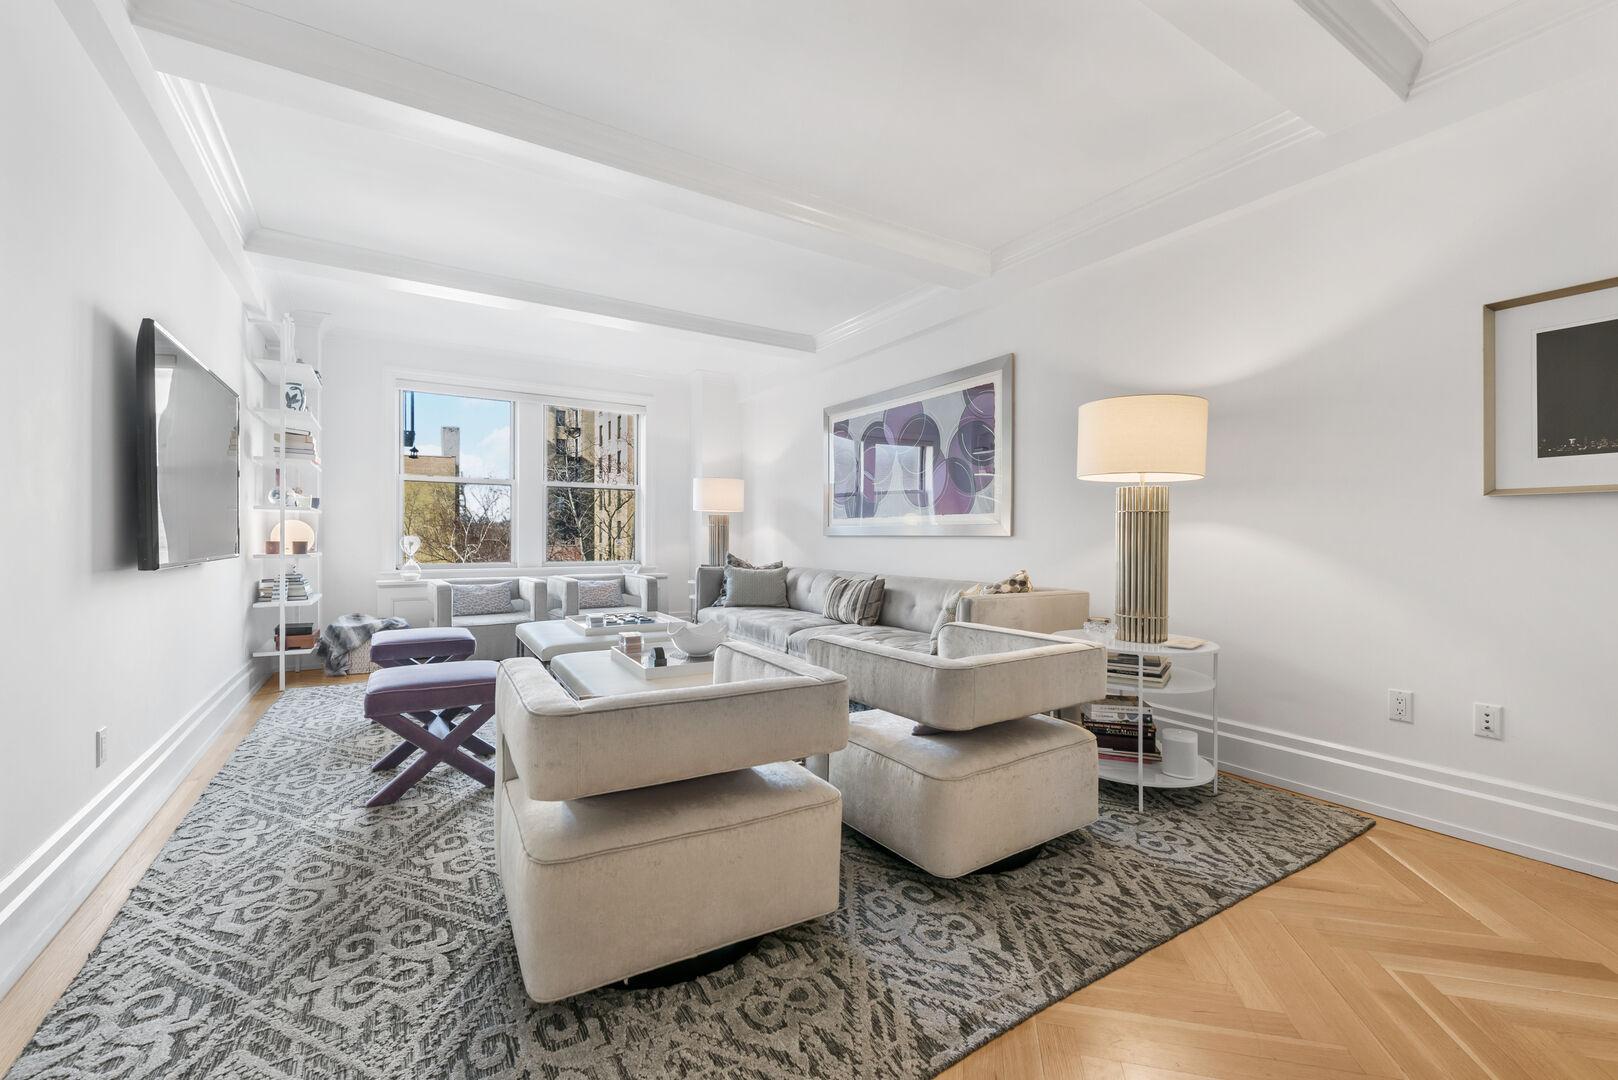 Apartment for sale at 845 West End Avenue, Apt 6-D